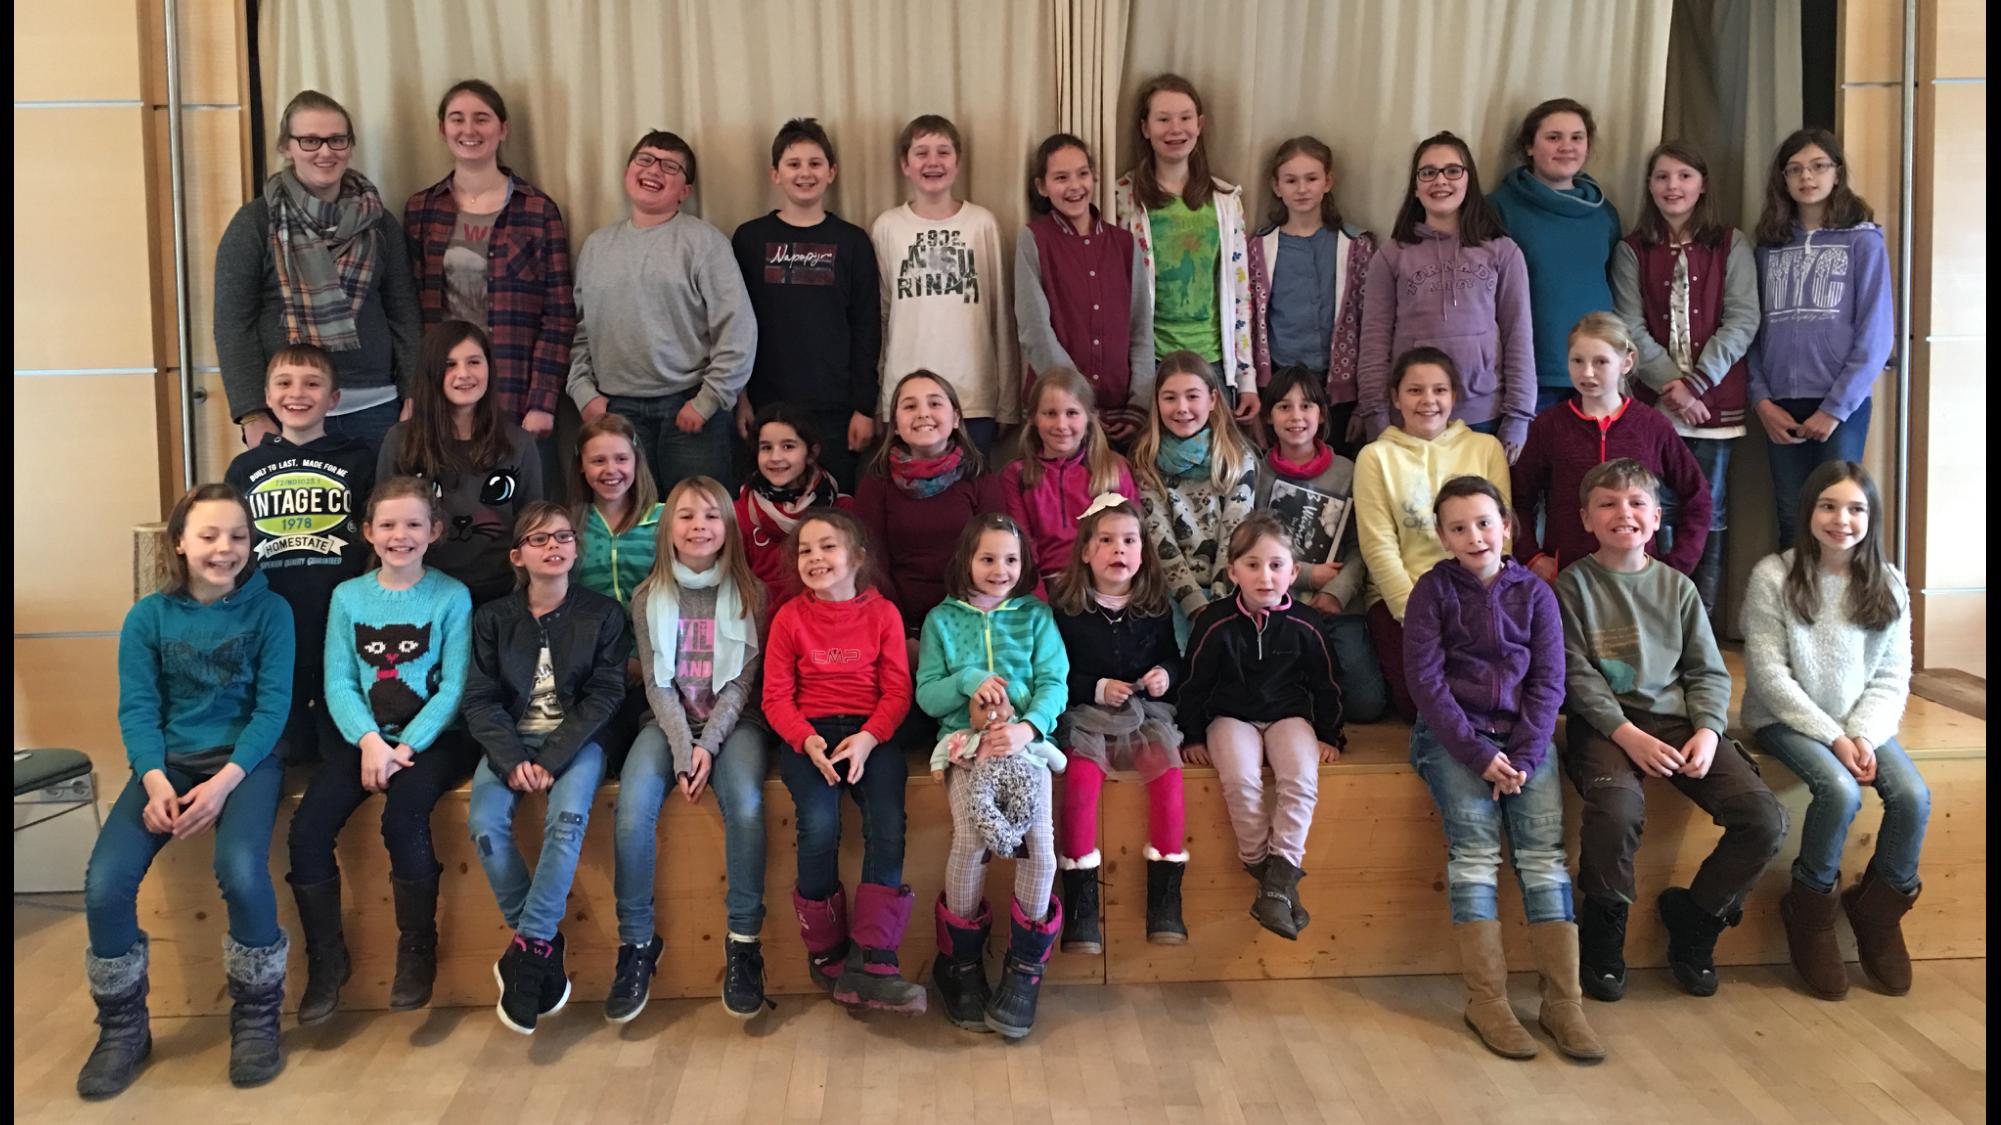 Kinder und Jugendchor Grainau